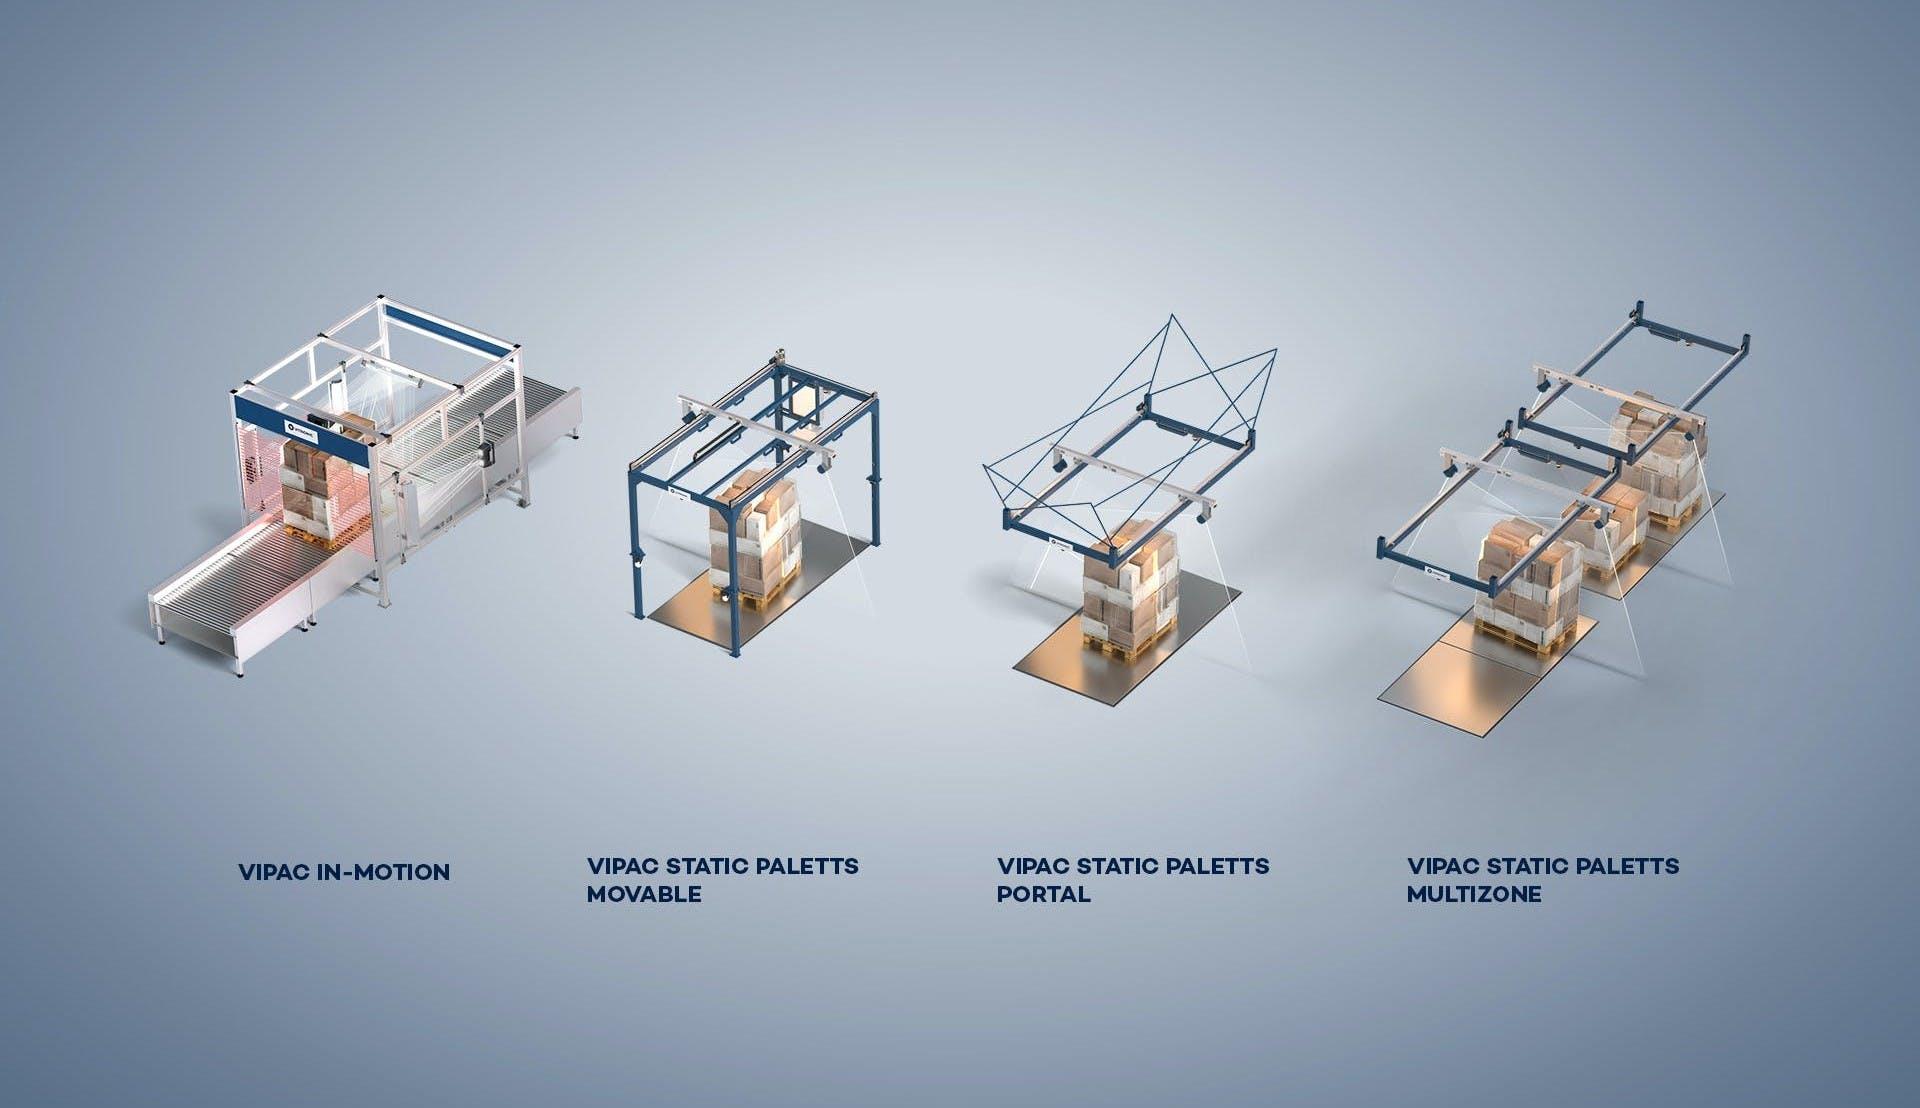 Die flexible VIPAC Systemfamilie von VITRONIC optimiert Prozesse bei der Vermessung von Paletten.